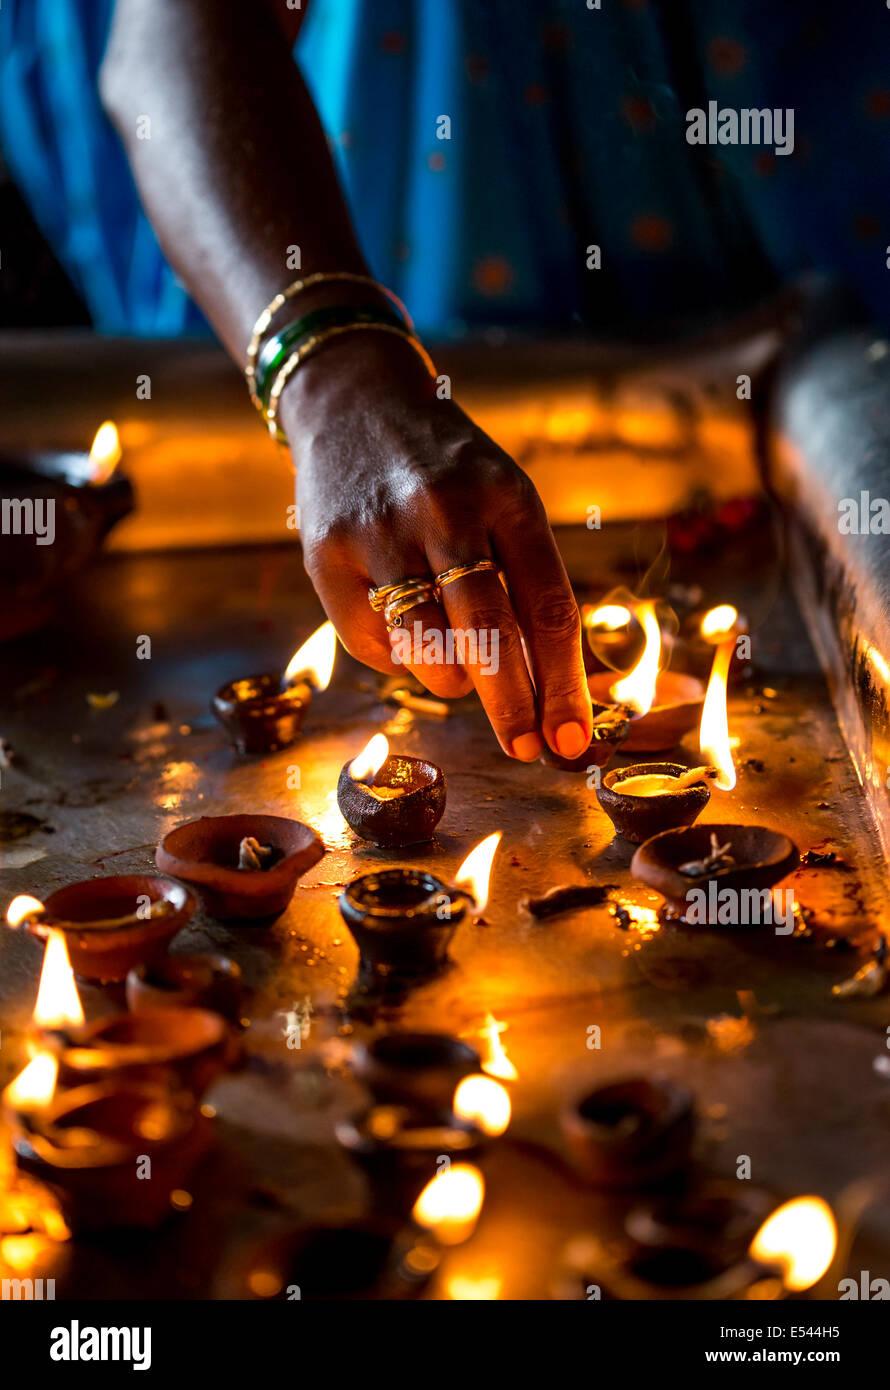 Candele accese nel tempio indiano. Diwali - la festa delle luci. Immagini Stock